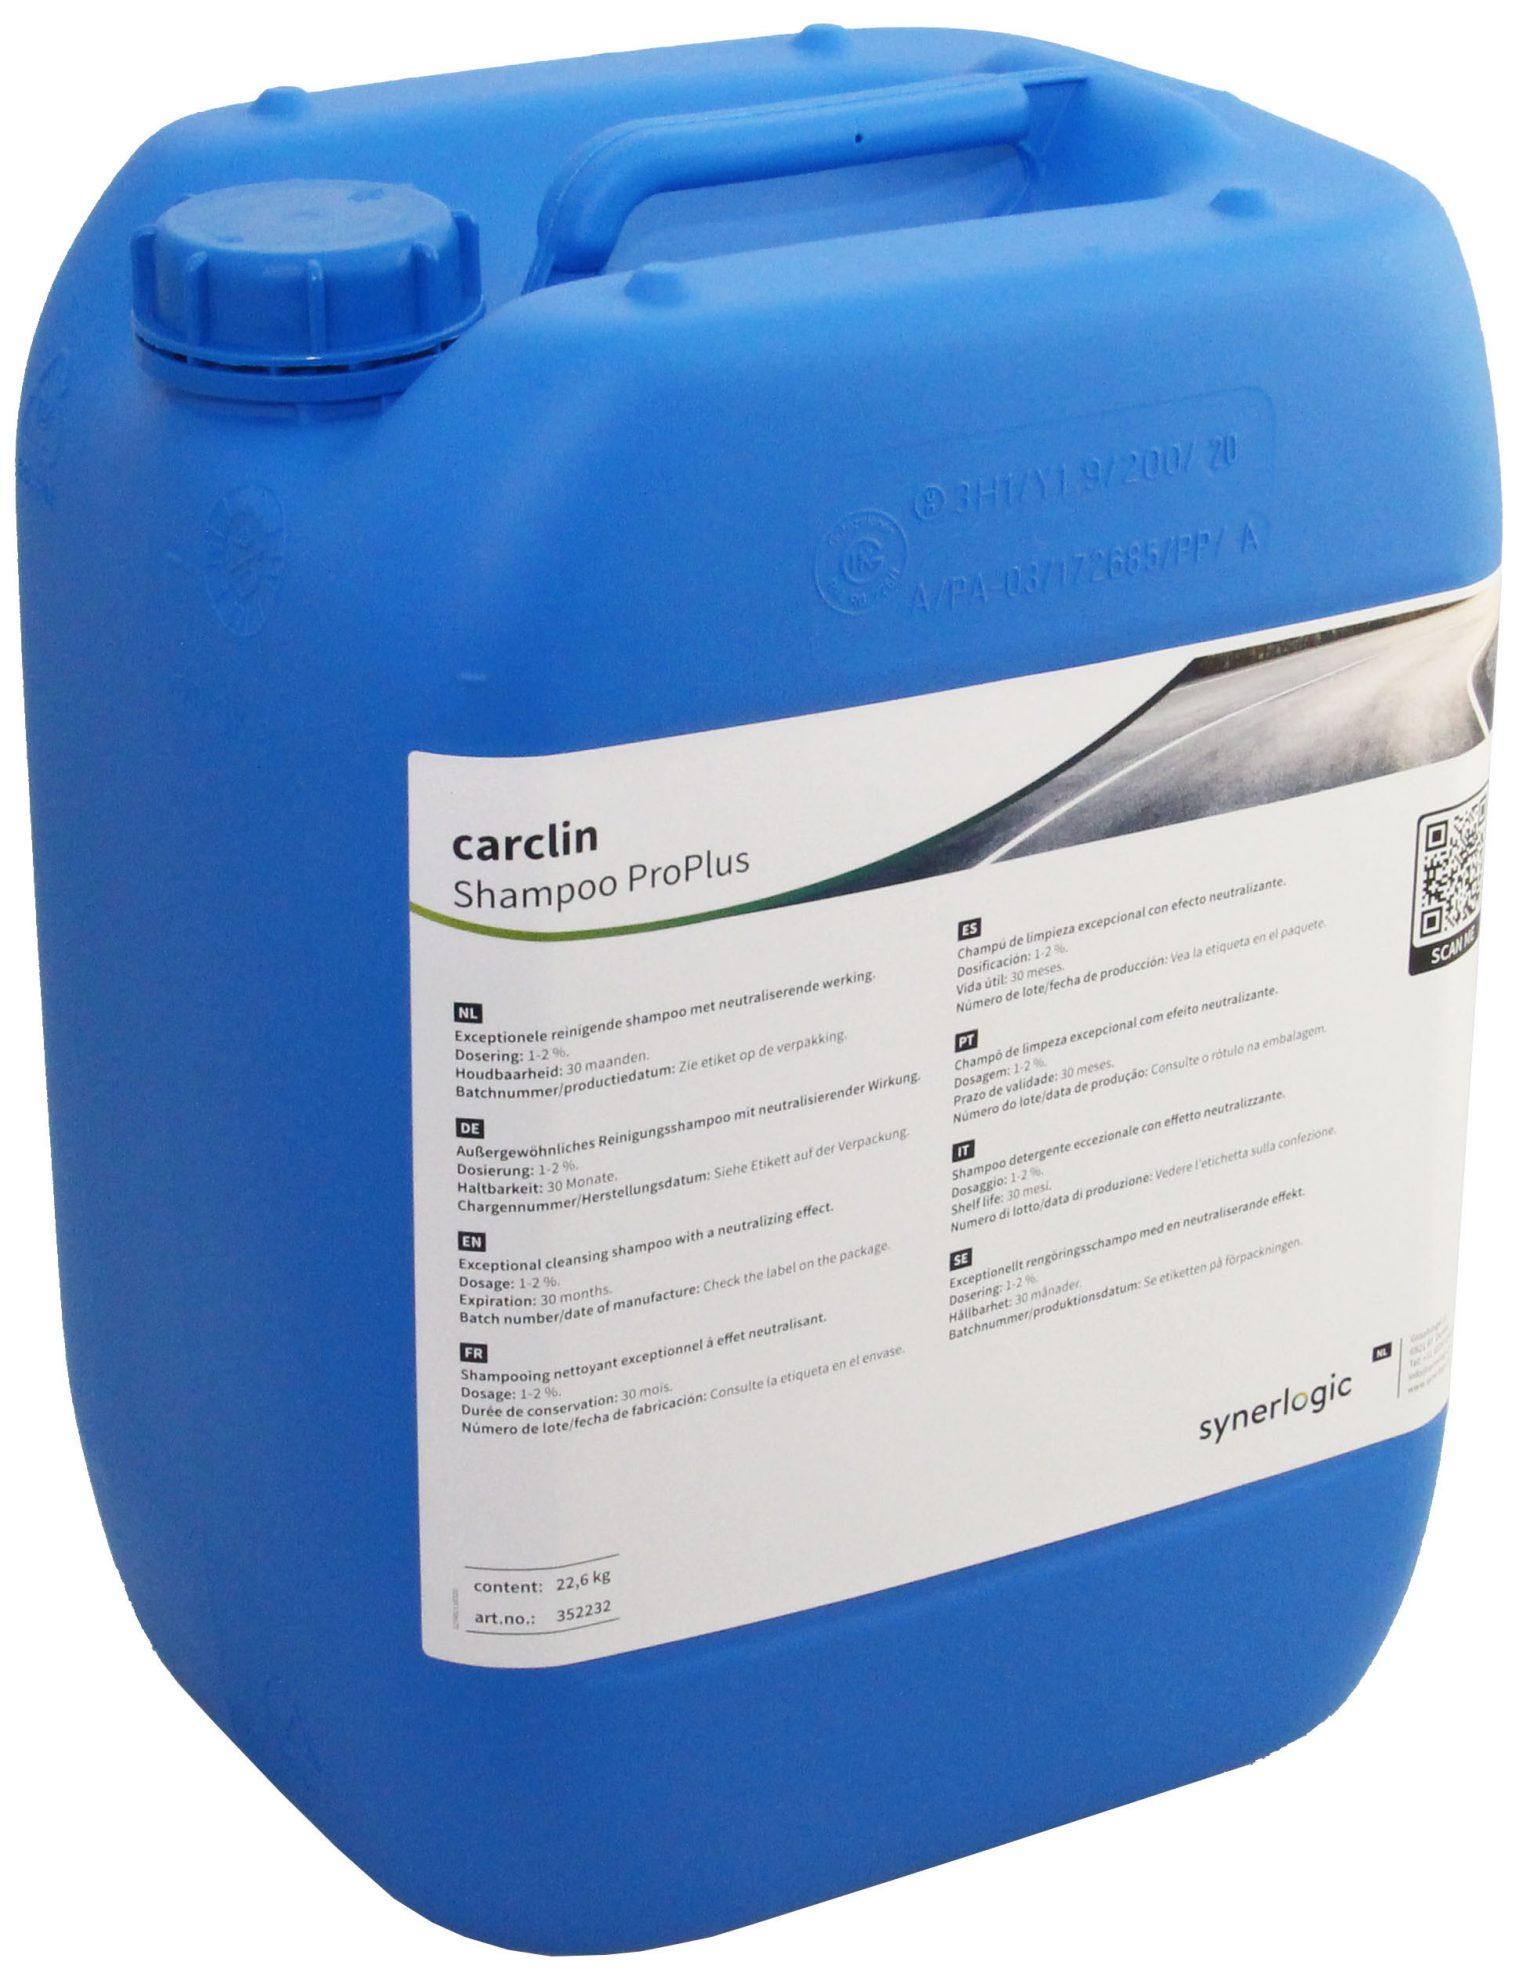 Carclin Shampoo ProPlus